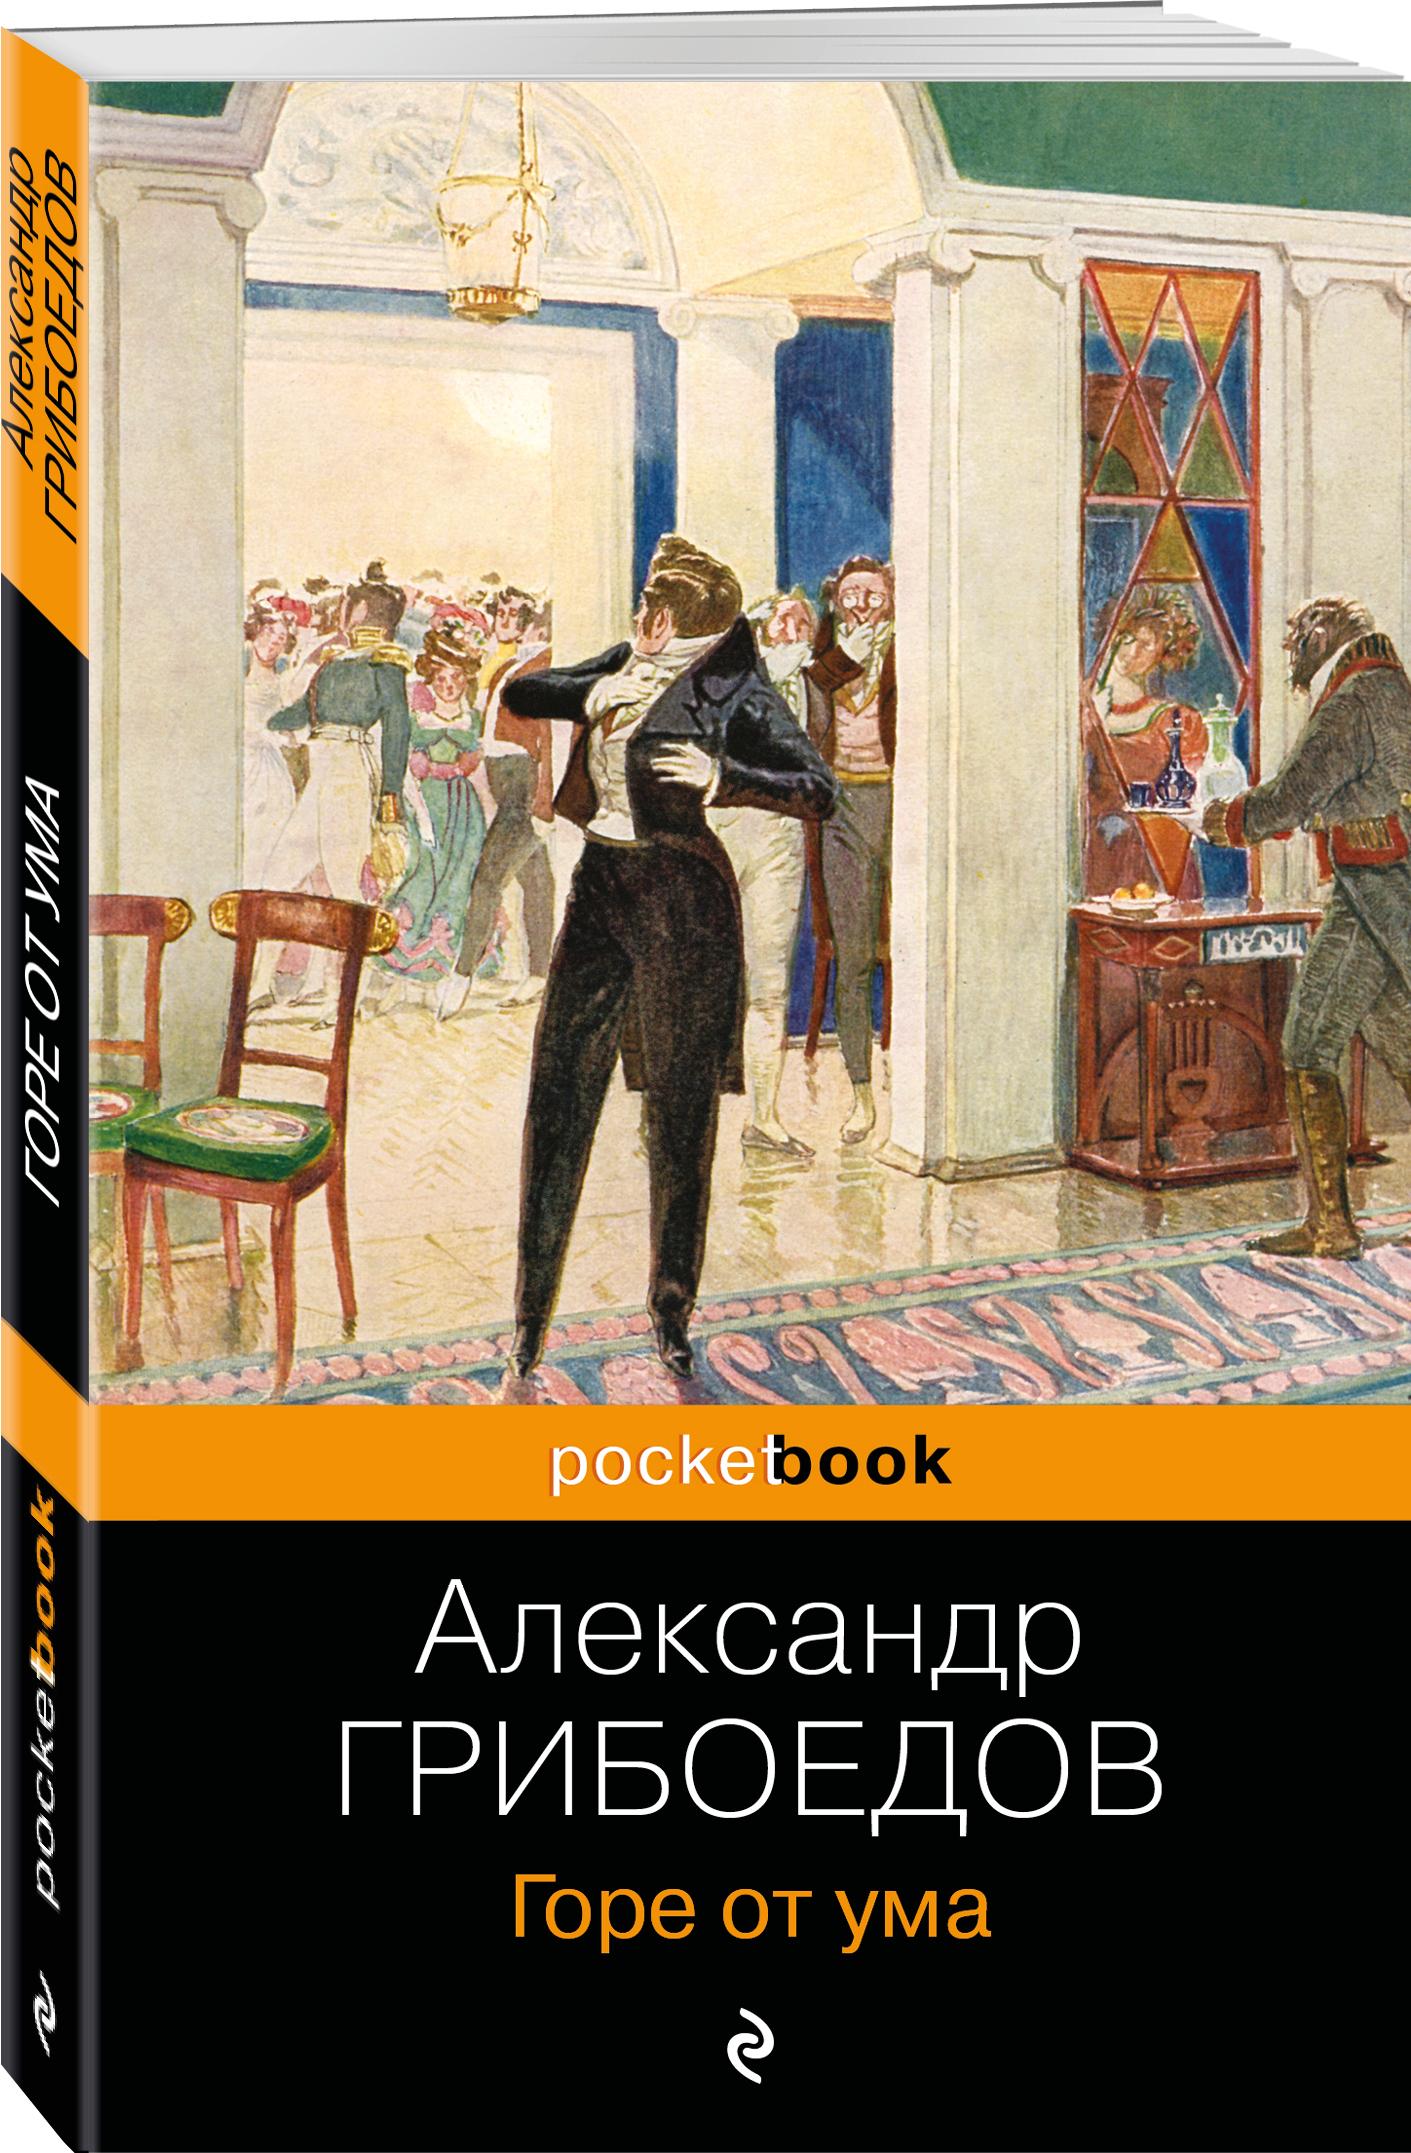 лучшая цена Александр Грибоедов Горе от ума